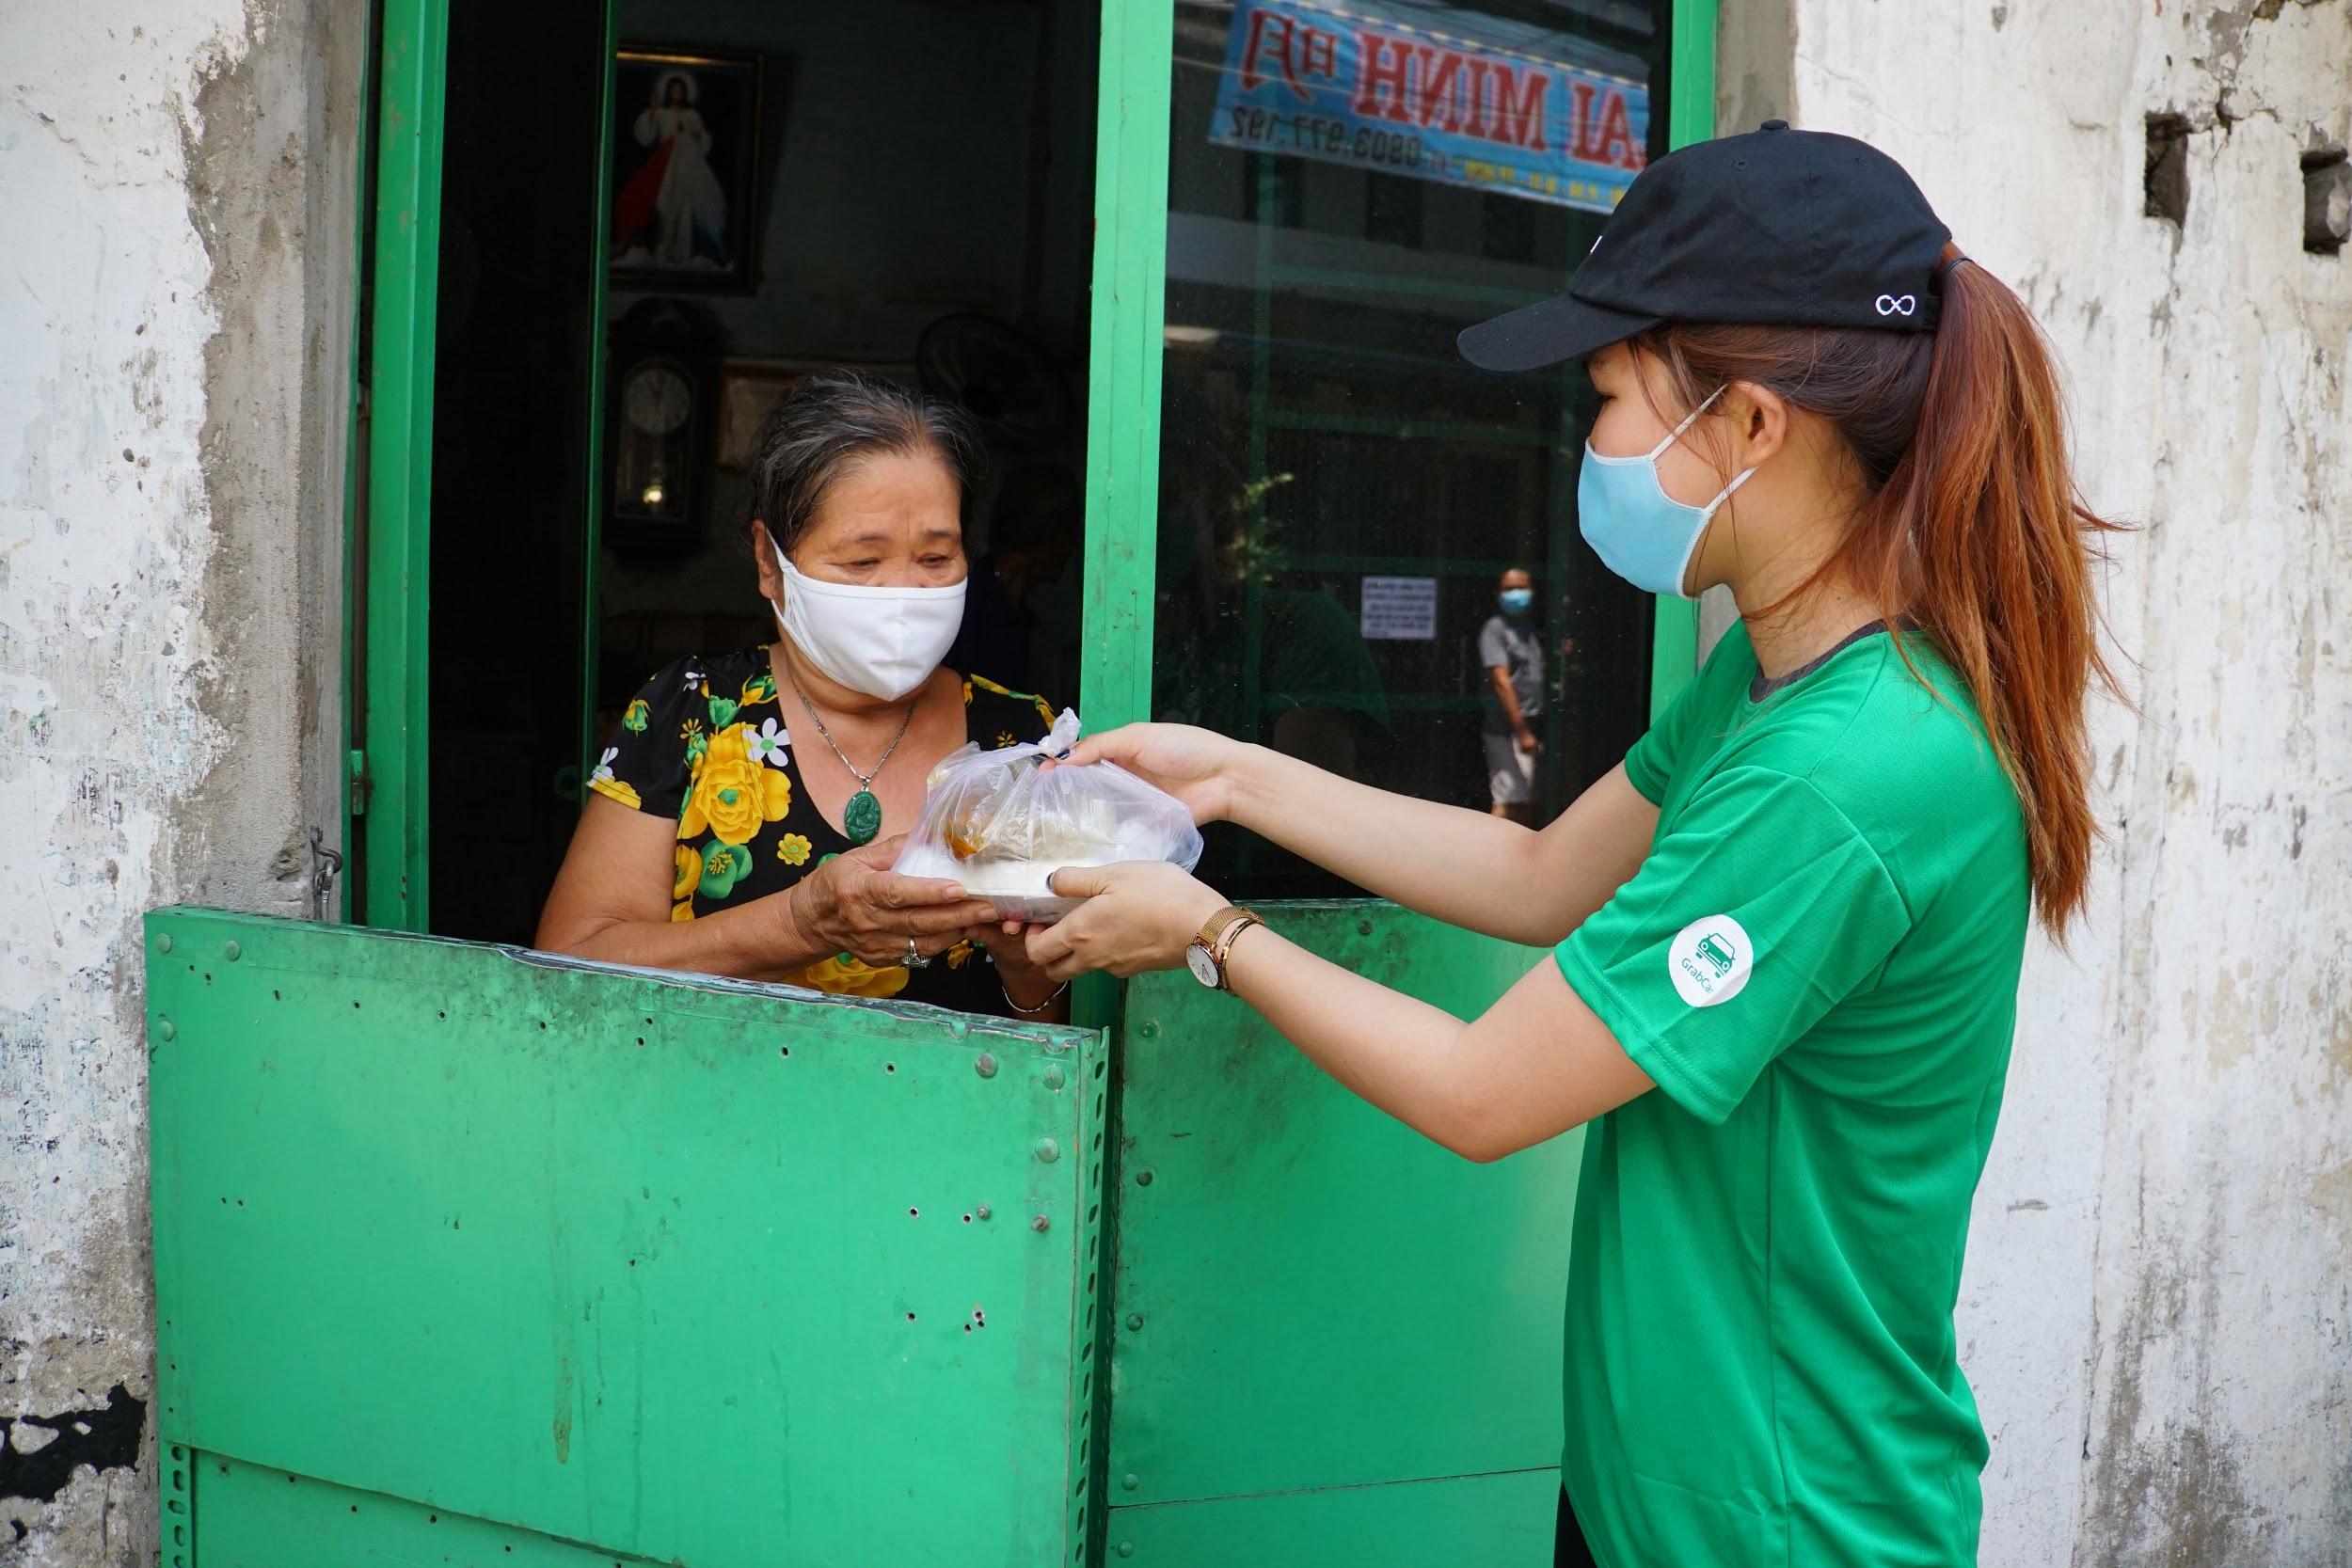 21.800 suất ăn miễn phí được Grab trao tặng cho người khó khăn trong mùa dịch - Ảnh 1.